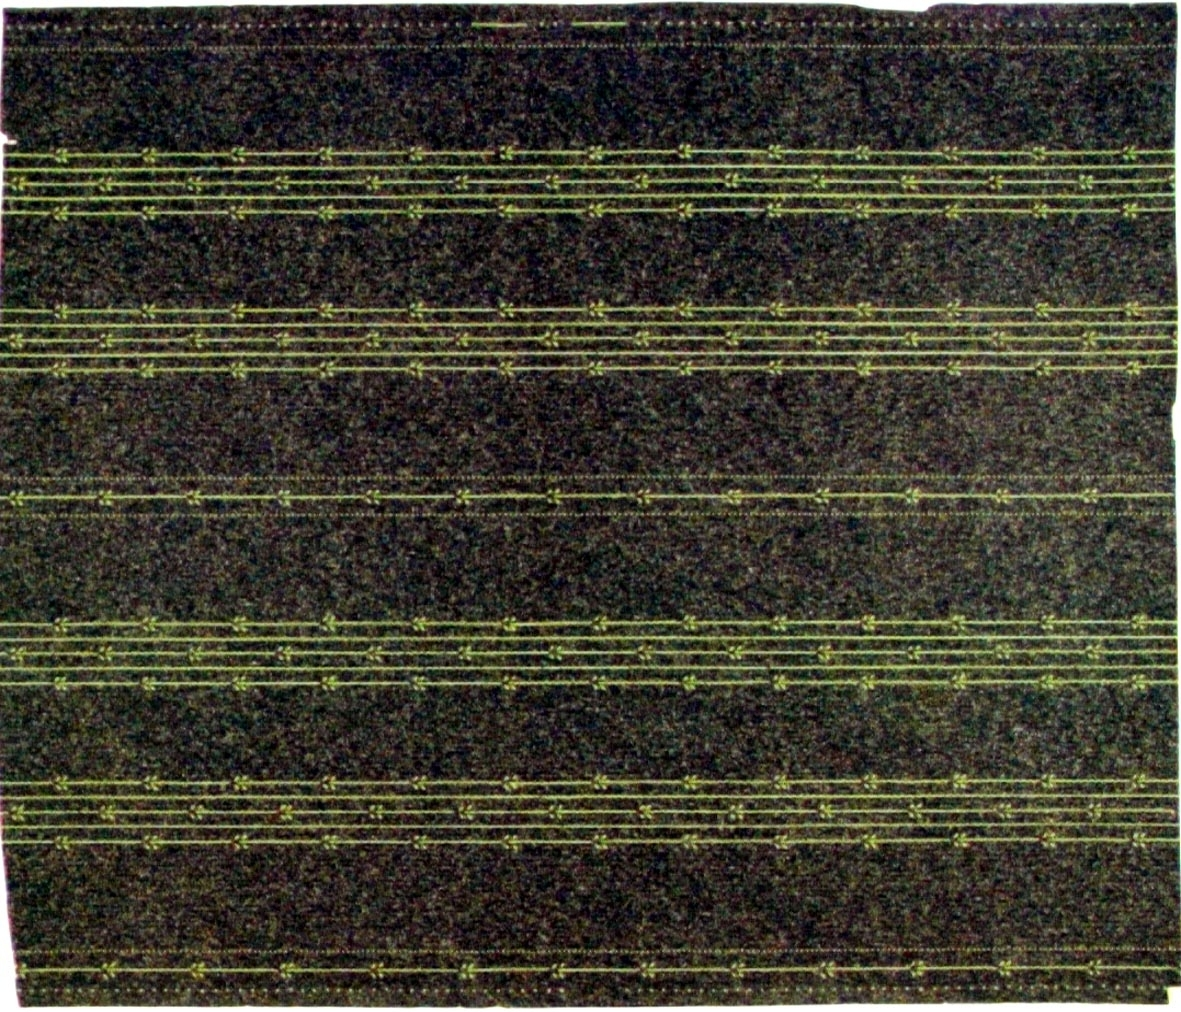 Randmönster bestående av återkommande partier med stiliserade lodräta små bladrankor i gulgrönt på en mörkgrön bakgrund belagd med sågspån.